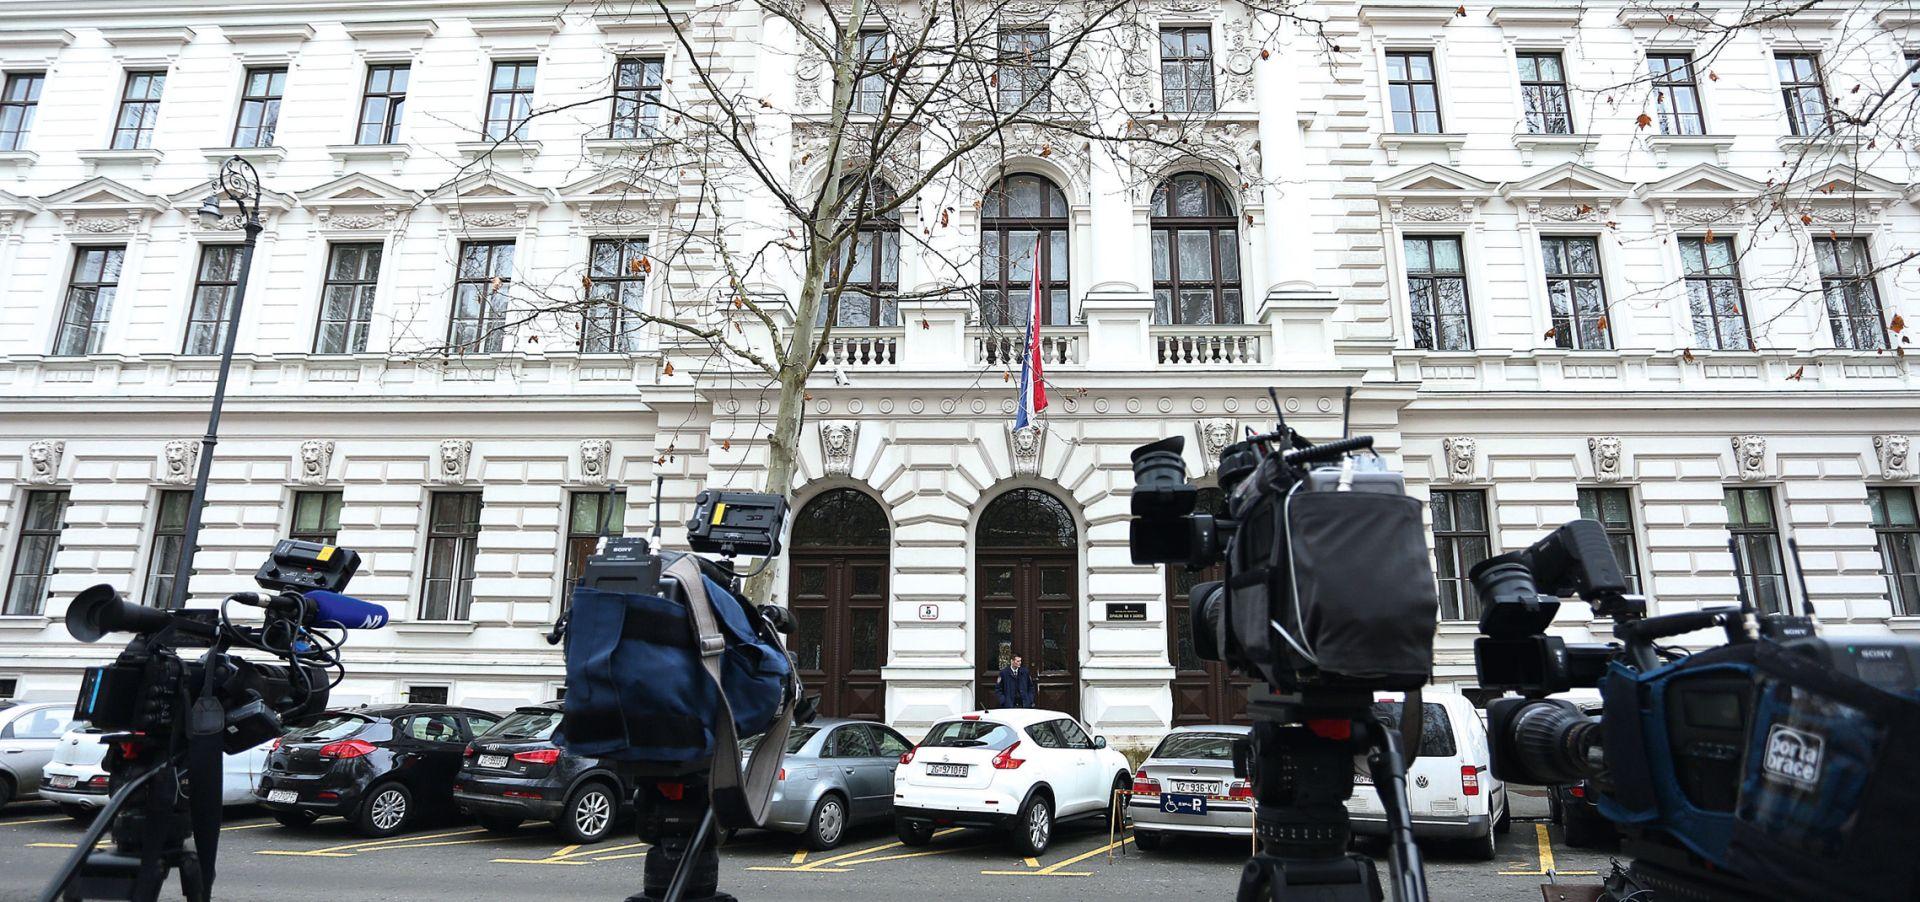 Potvrđena optužnica za mito protiv gradskog činovnika, protupožarnog inspektora i načelnika iz MUP-a